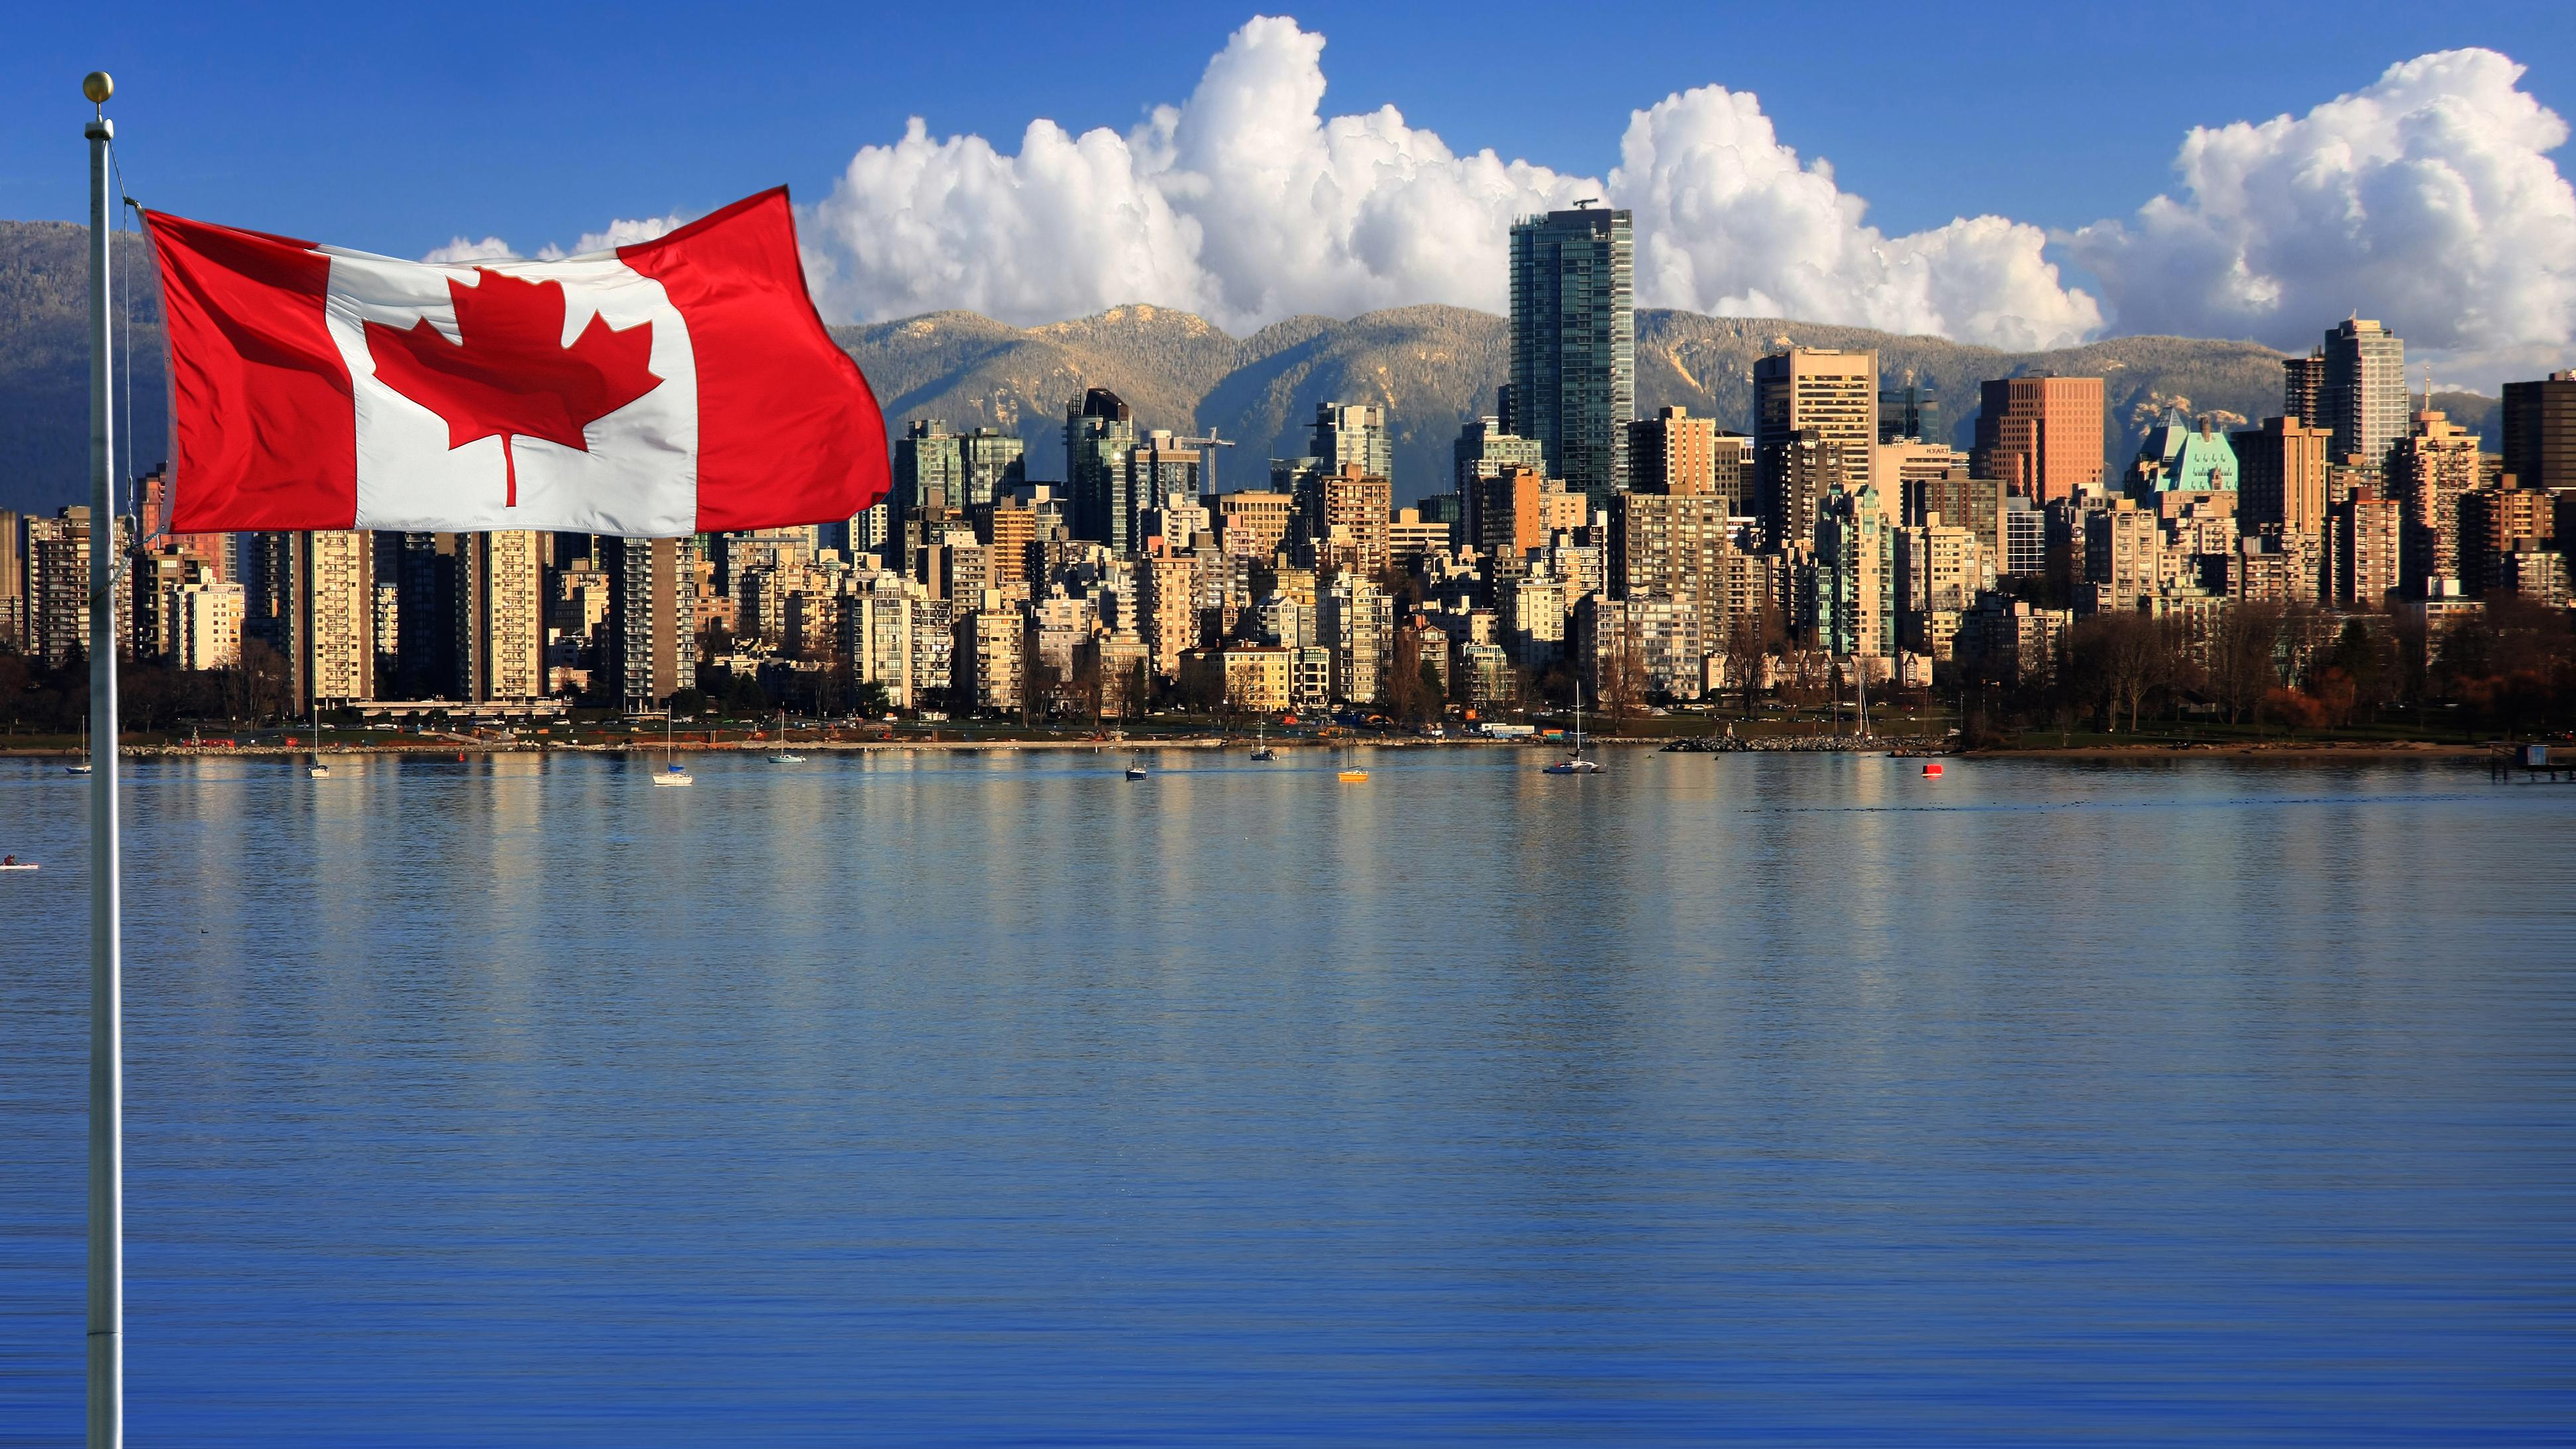 Флаг на фоне Ванкувера, города в Канаде, где россияне могут получить ВНЖ